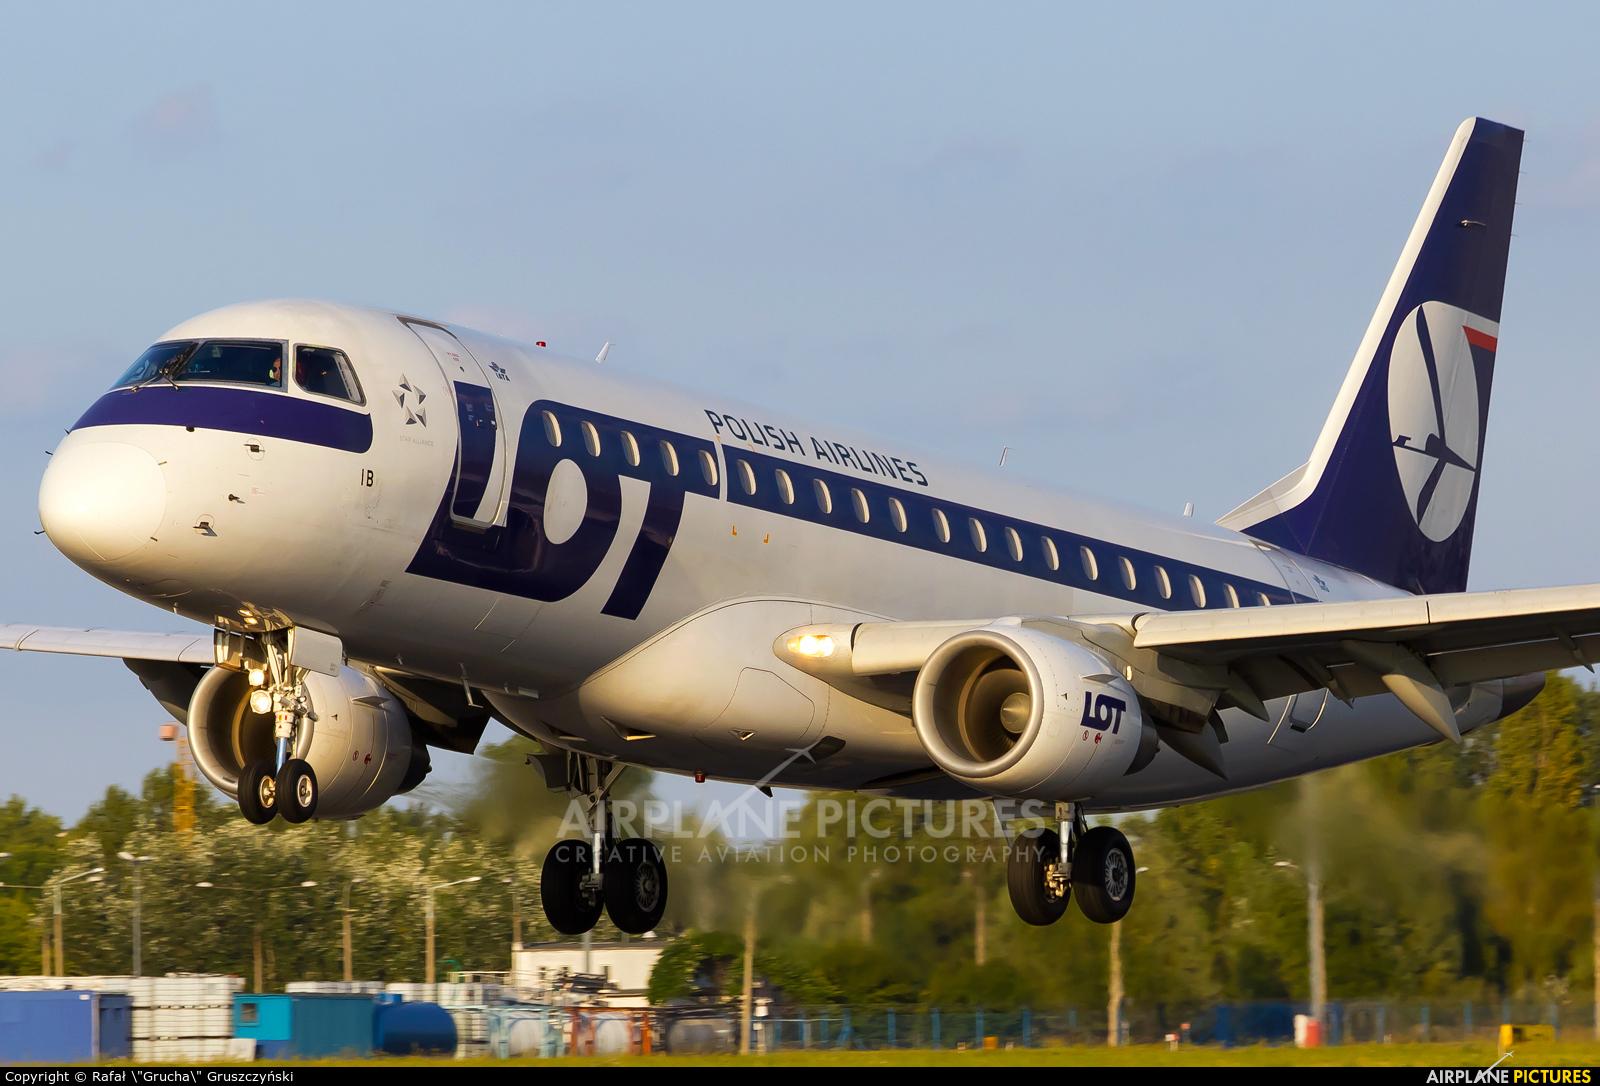 LOT - Polish Airlines SP-LIB aircraft at Warsaw - Frederic Chopin